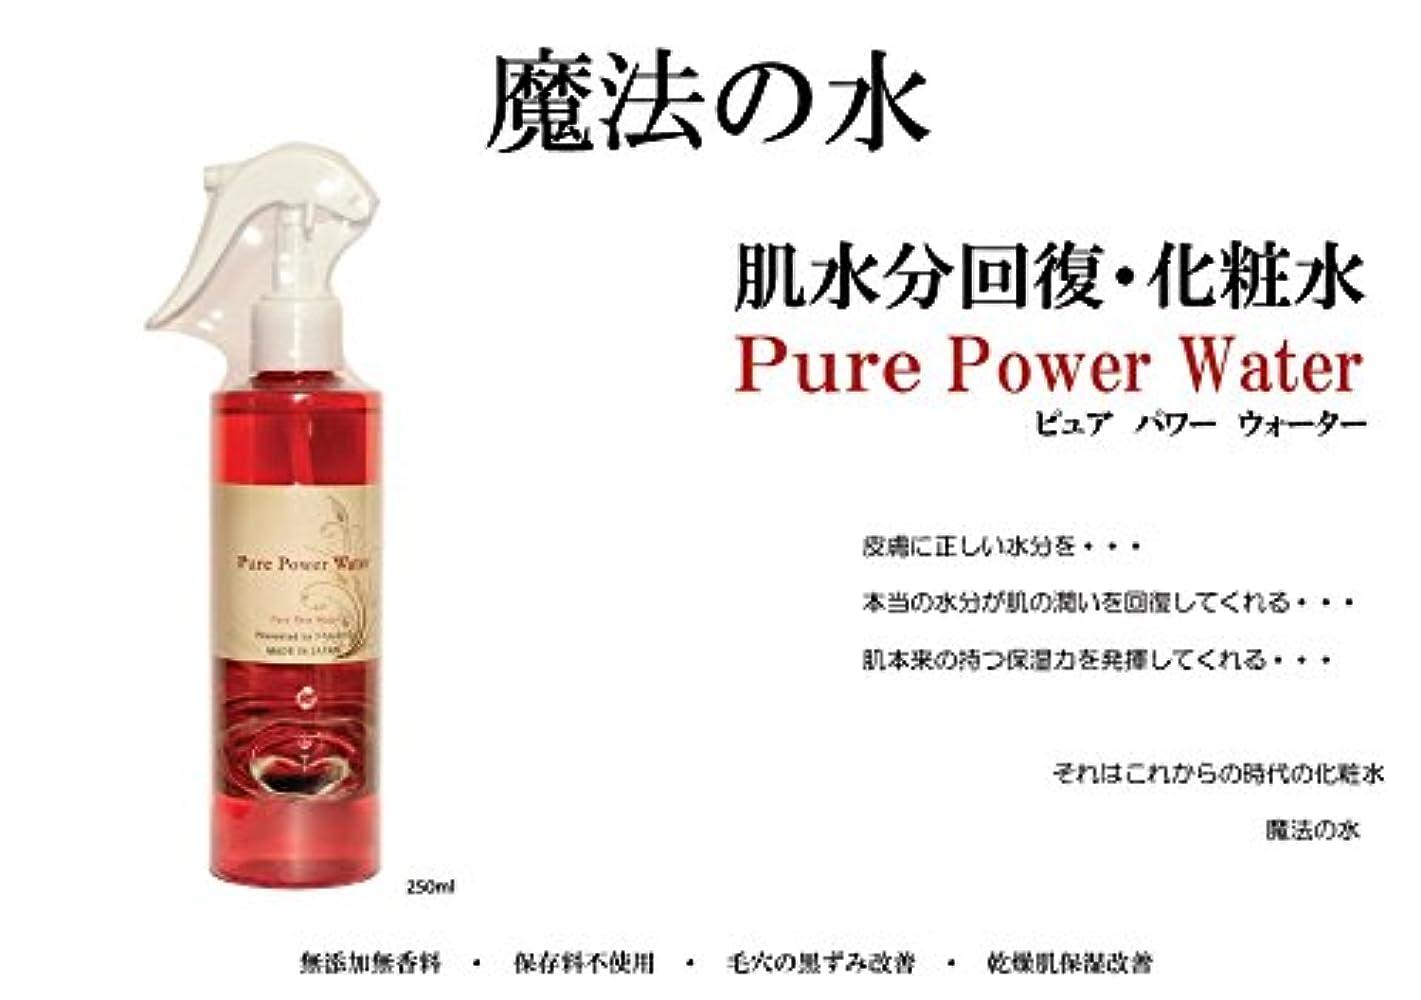 機関車要旨マーク基礎化粧水 Pure Power Water 化粧水 マイナスイオン ブースター 魔法の化粧水